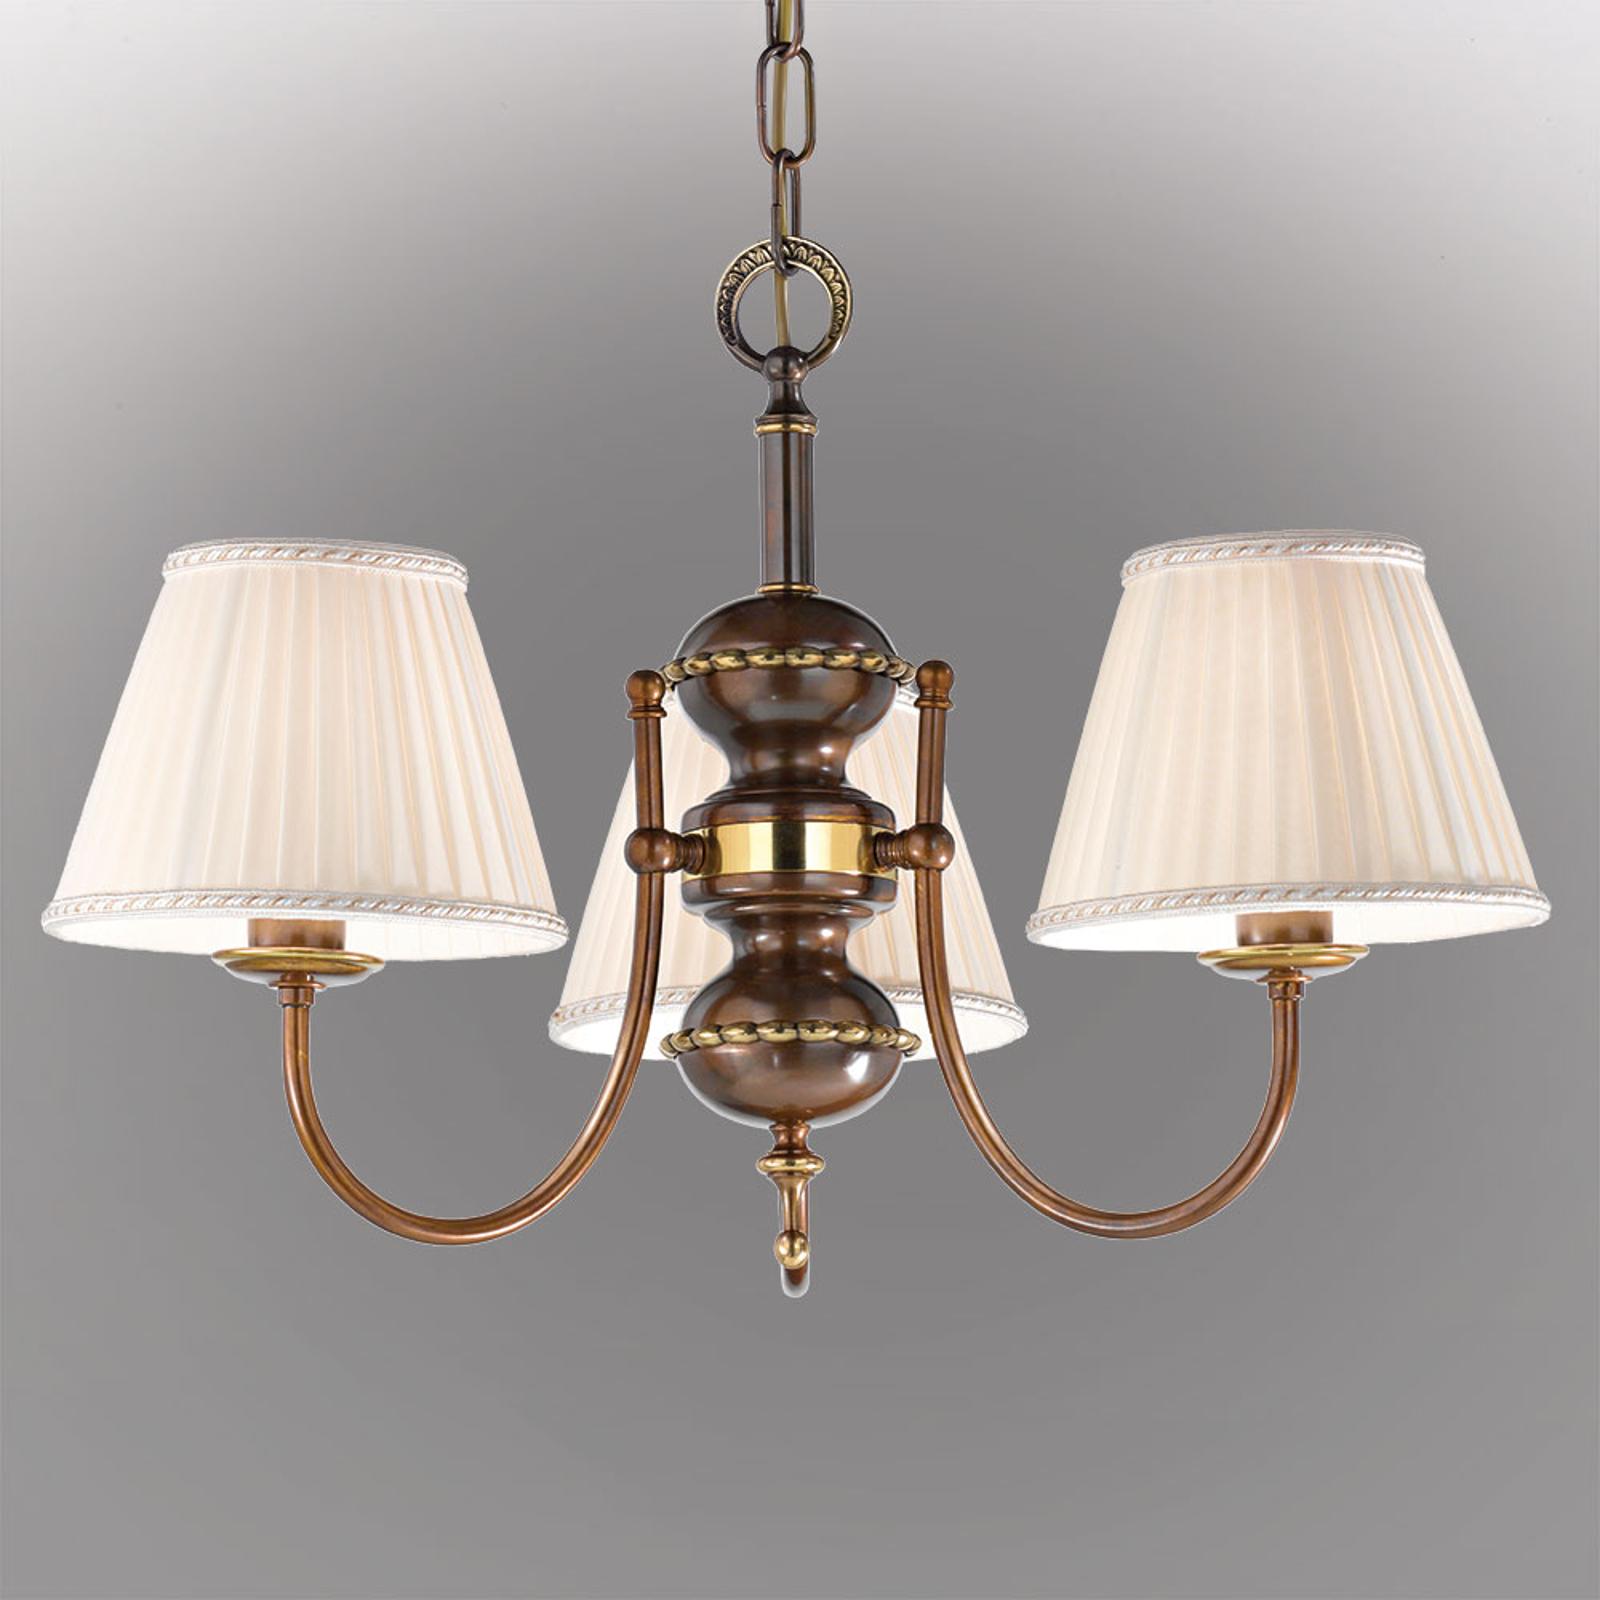 Závesná lampa Classic, 3-plameňová_2008195_1